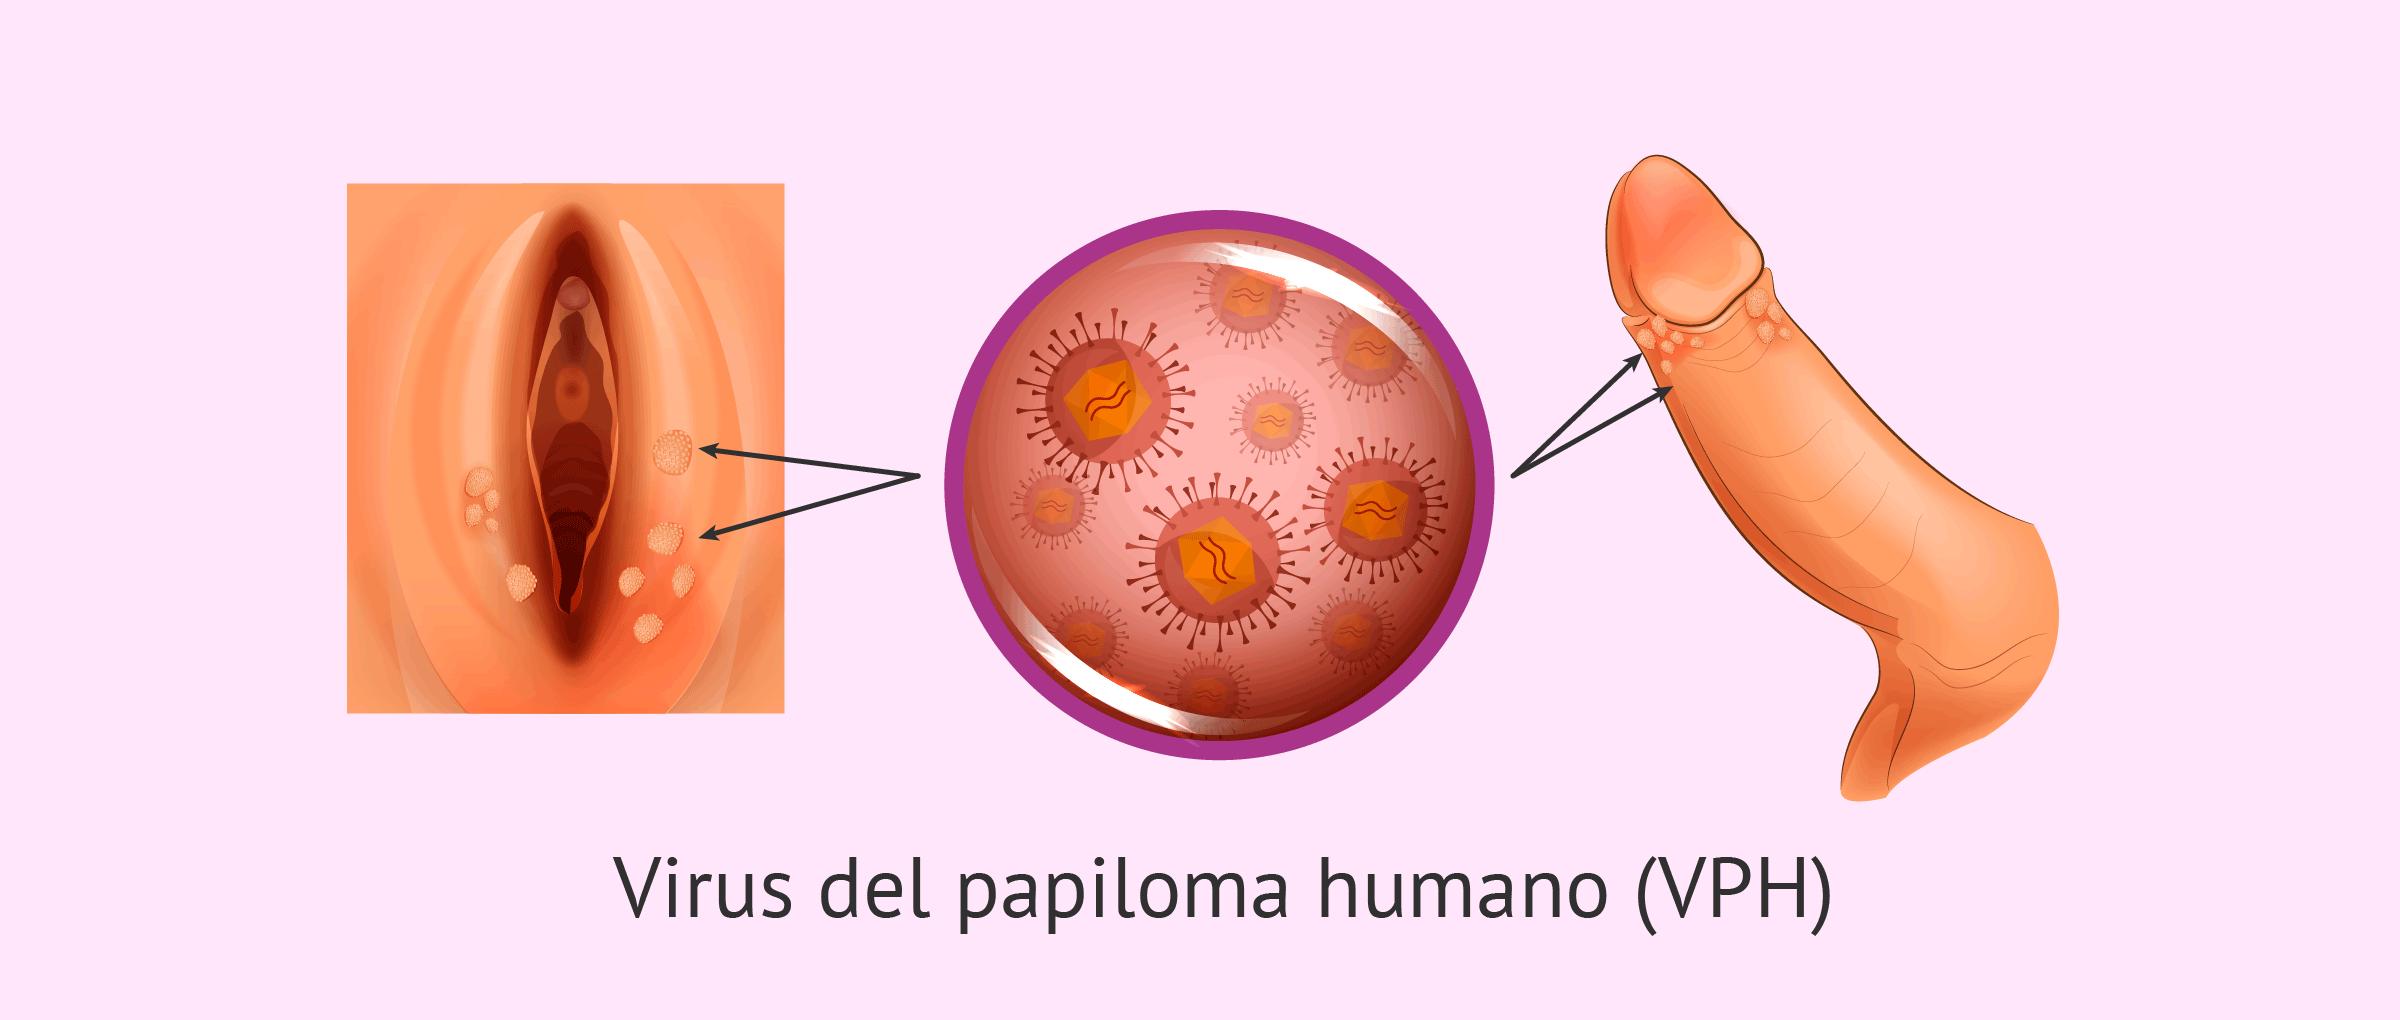 que es el papiloma humano consecuencias hpv linked throat cancer